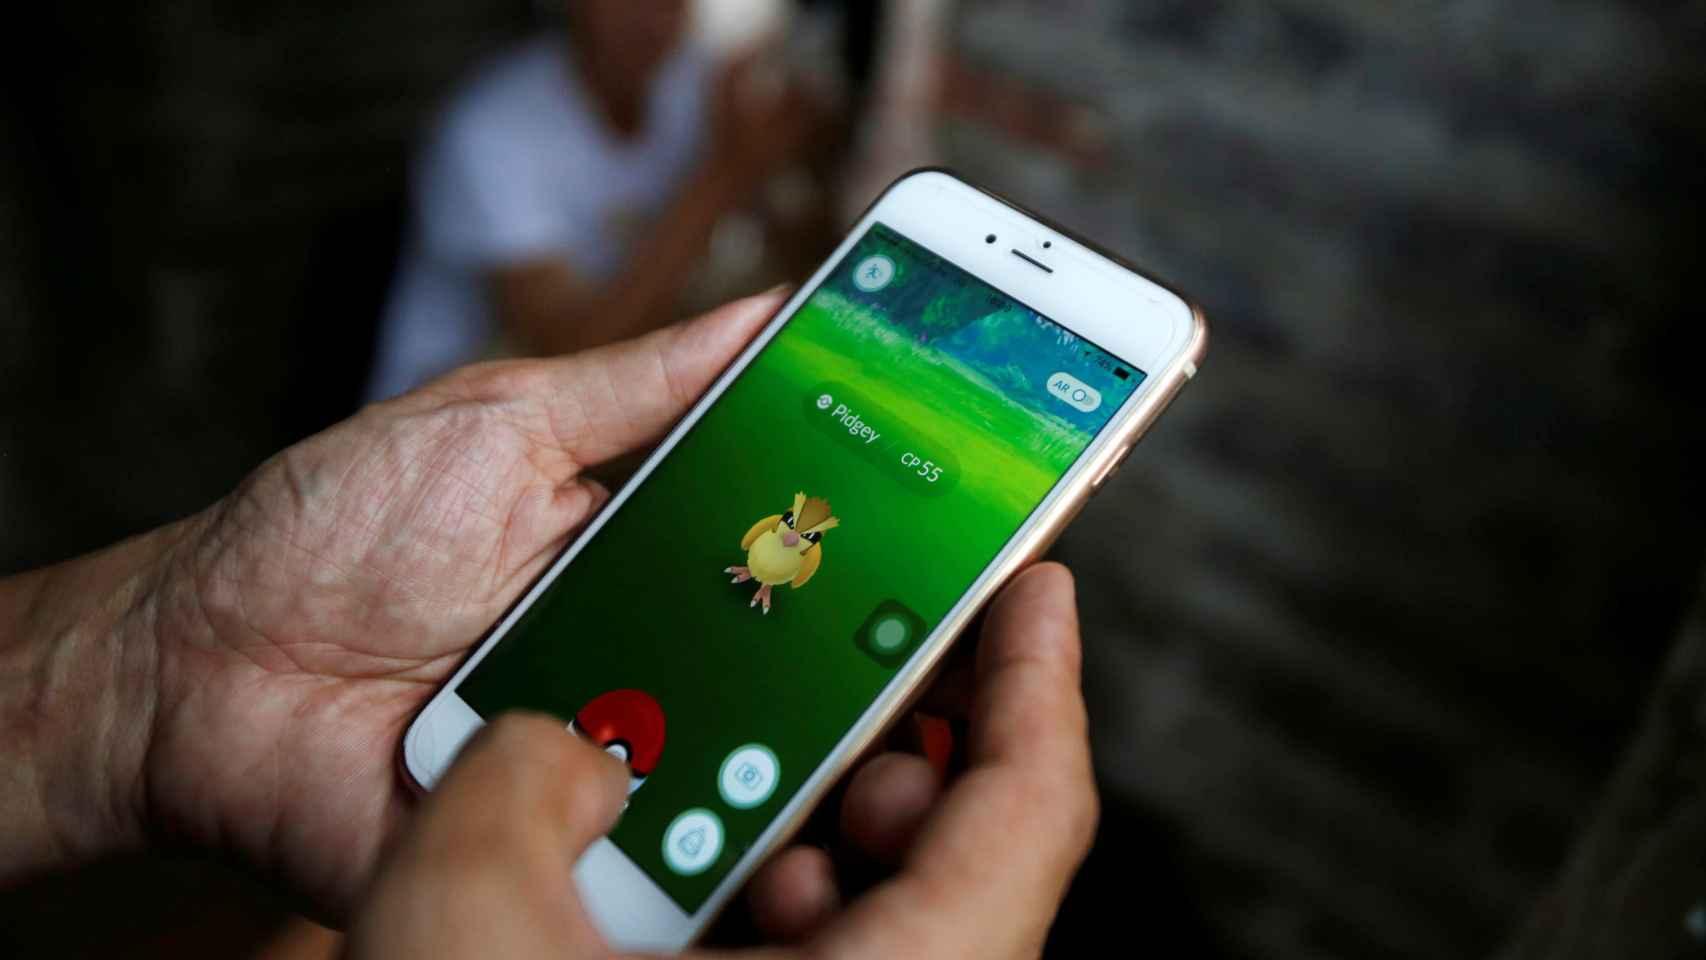 Un hombre jugando a Pokemon Go en su móvil.